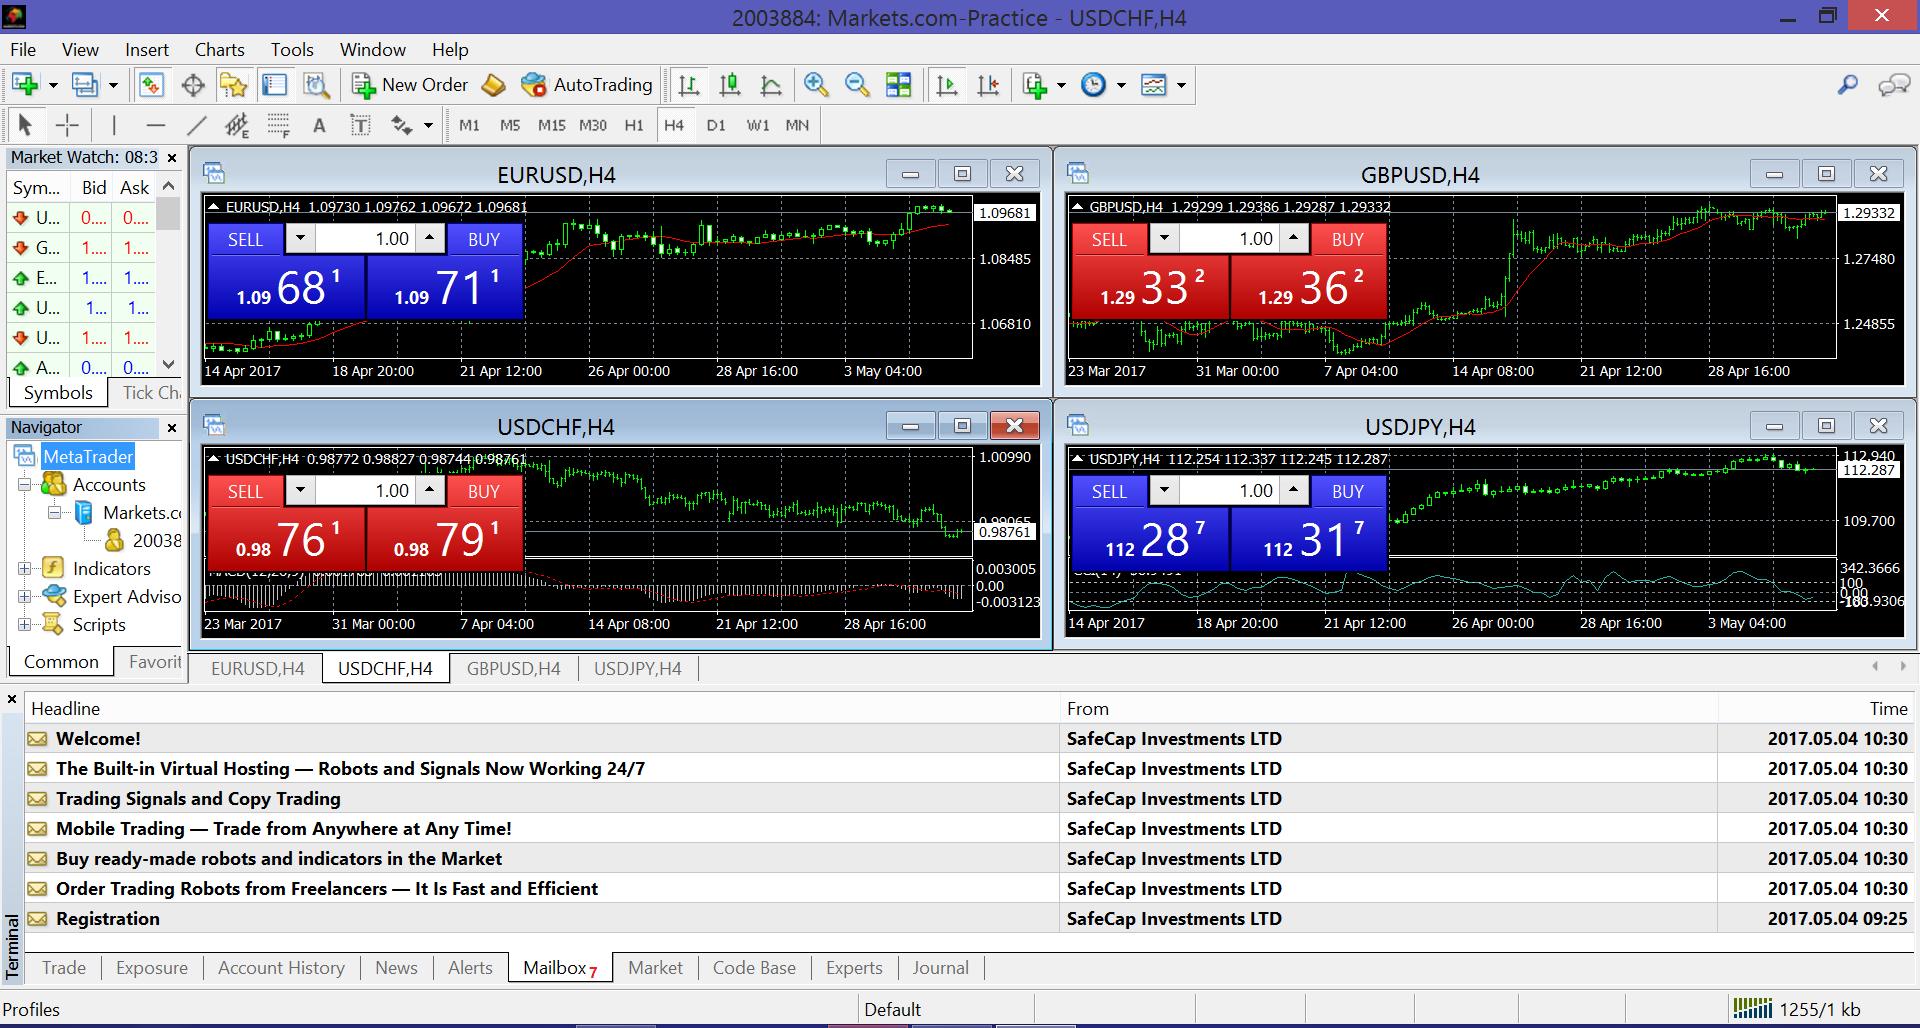 Come si presenta la piattaforma di trading MetaTrader4 all'avvio